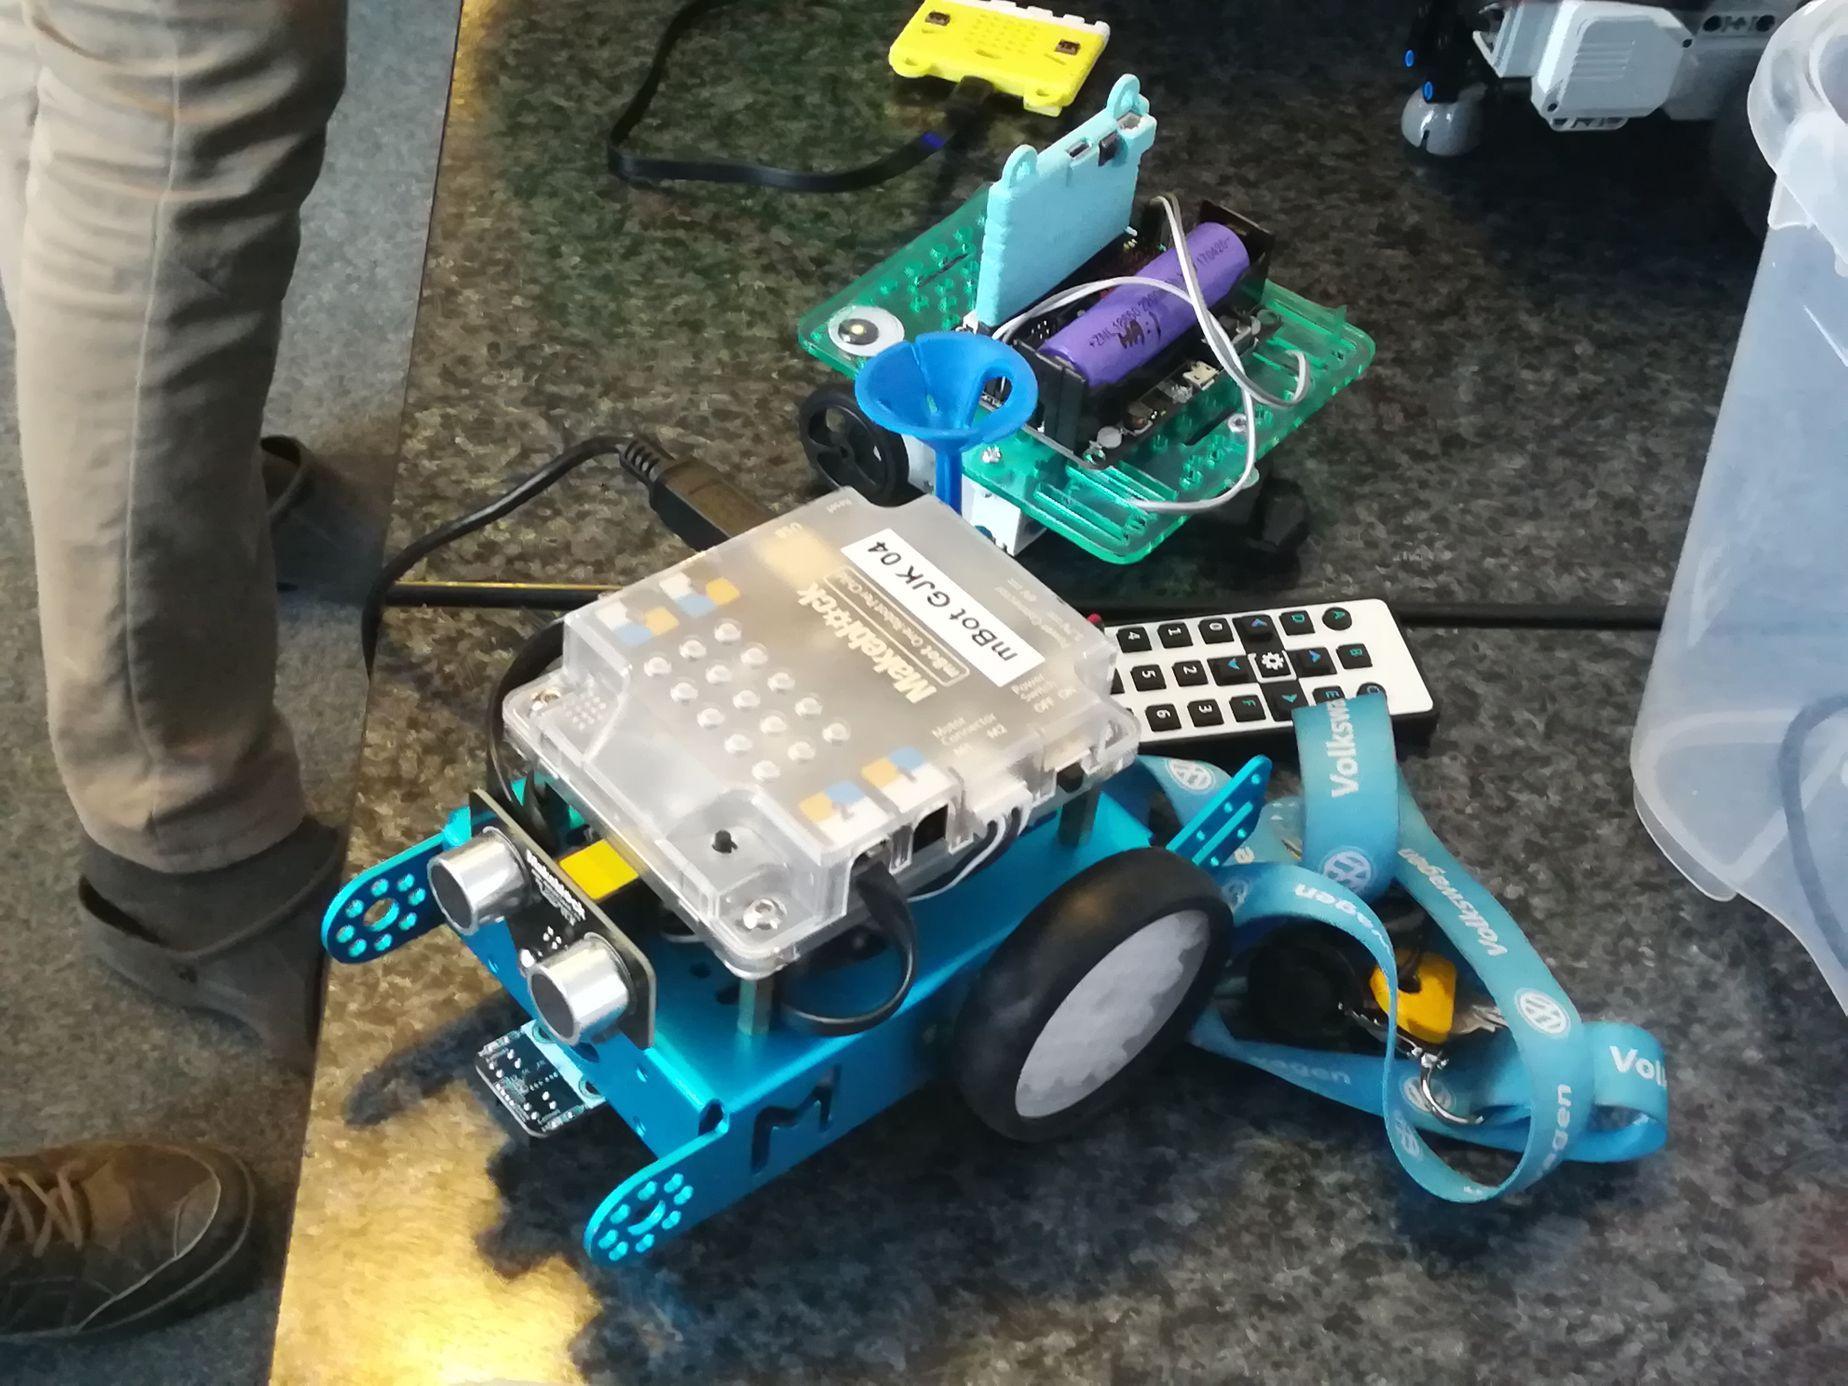 seznamovací roboti Japonsko